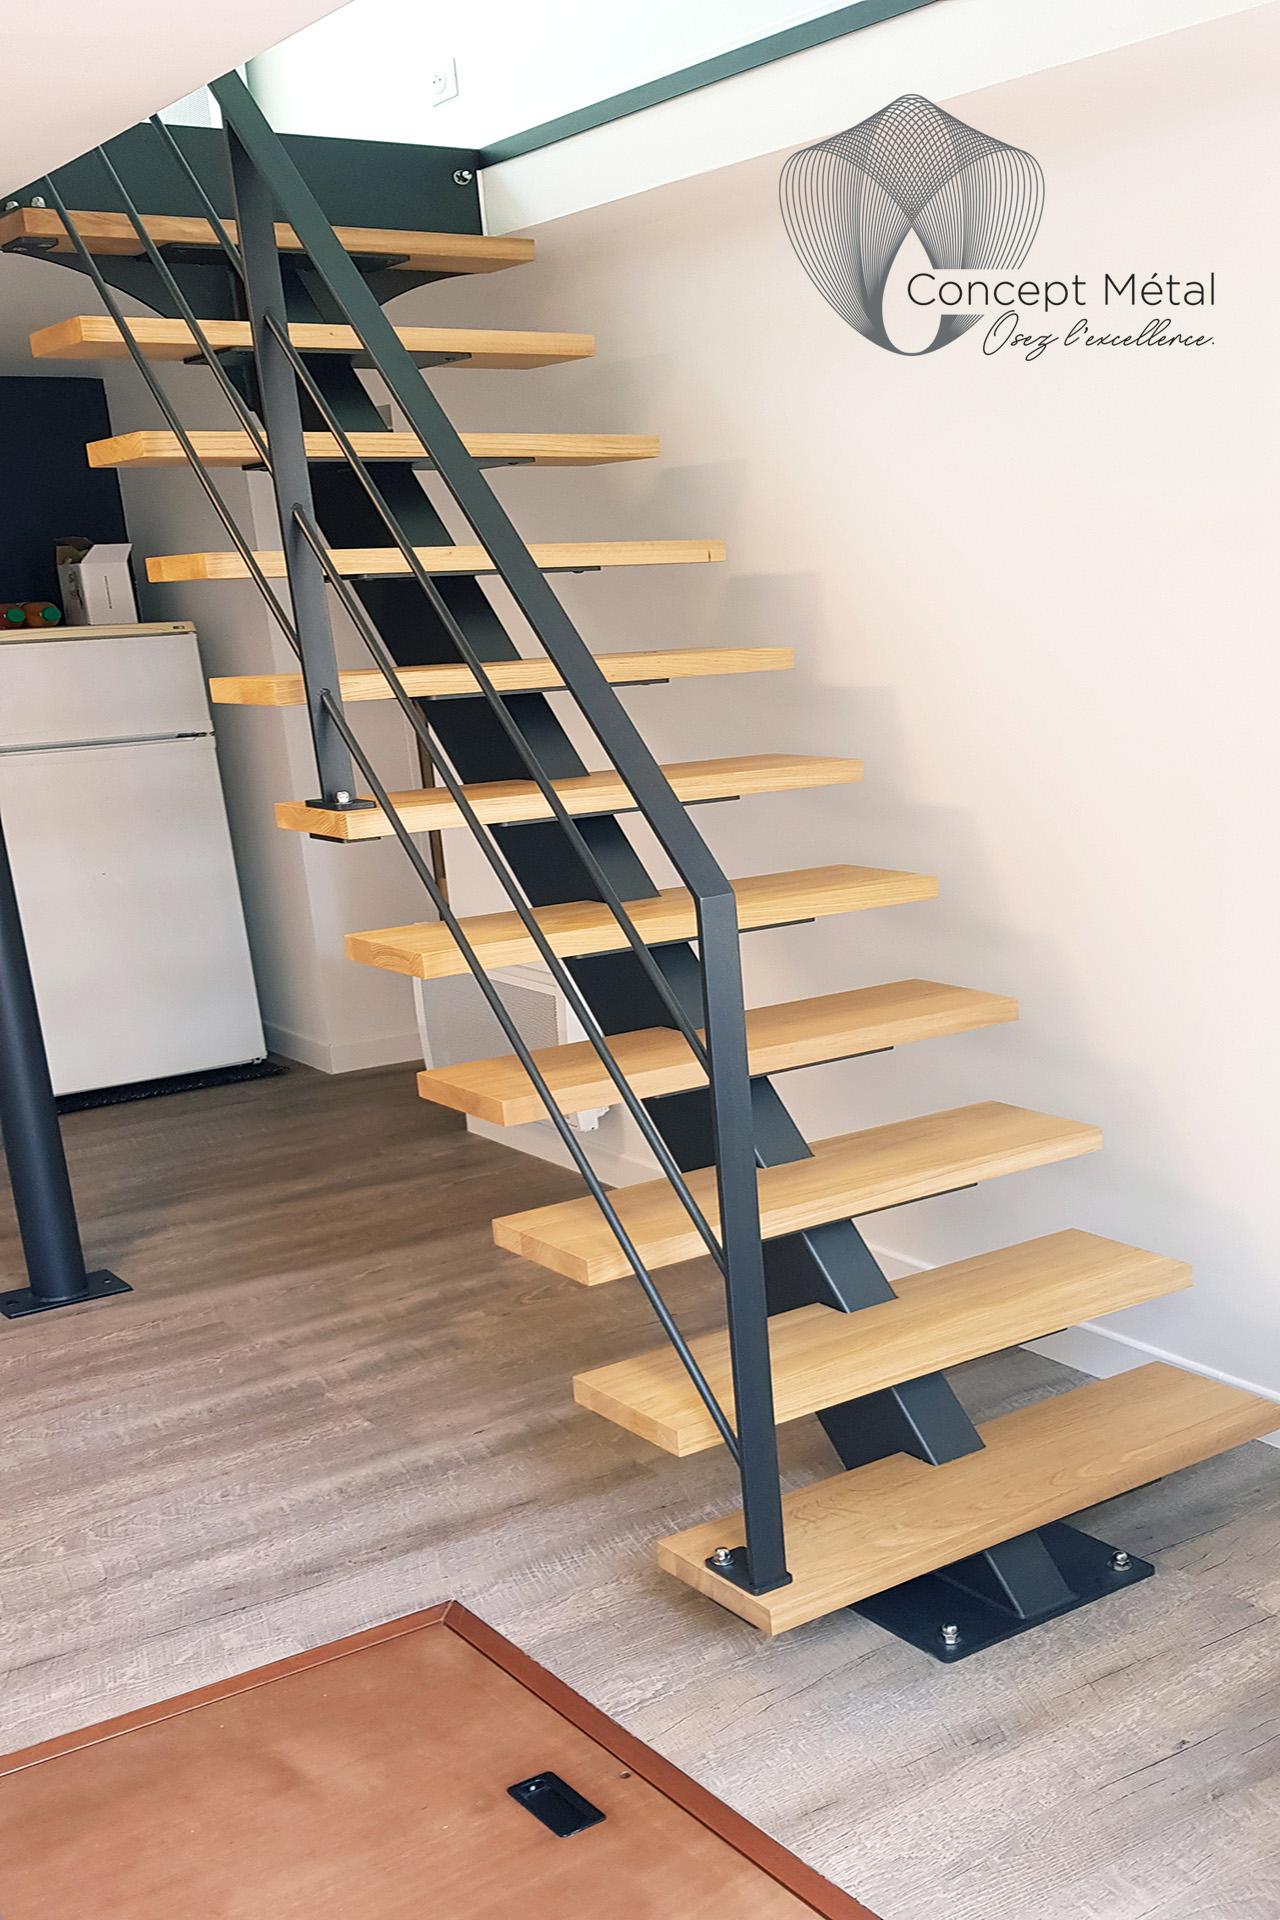 Rampes - Escalier Droit Bois - Concept Métal - Bordeaux - Bassin d'Arcachon